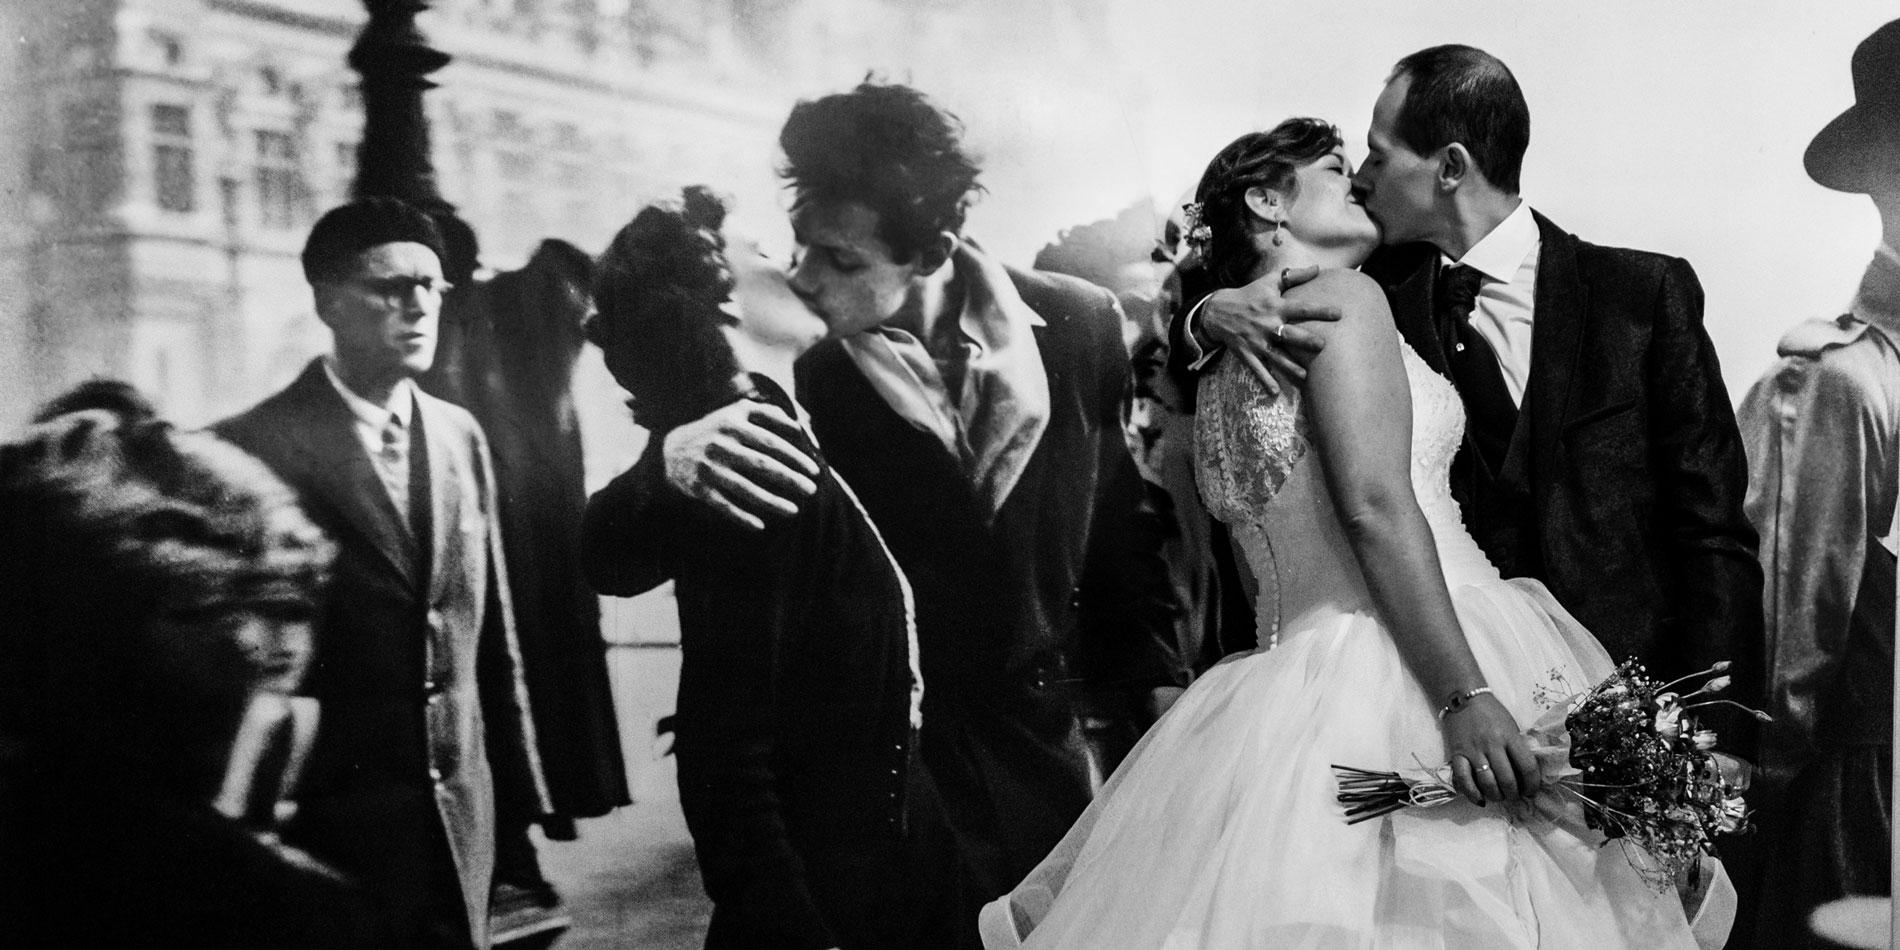 novios besándose frente a cartel de beso